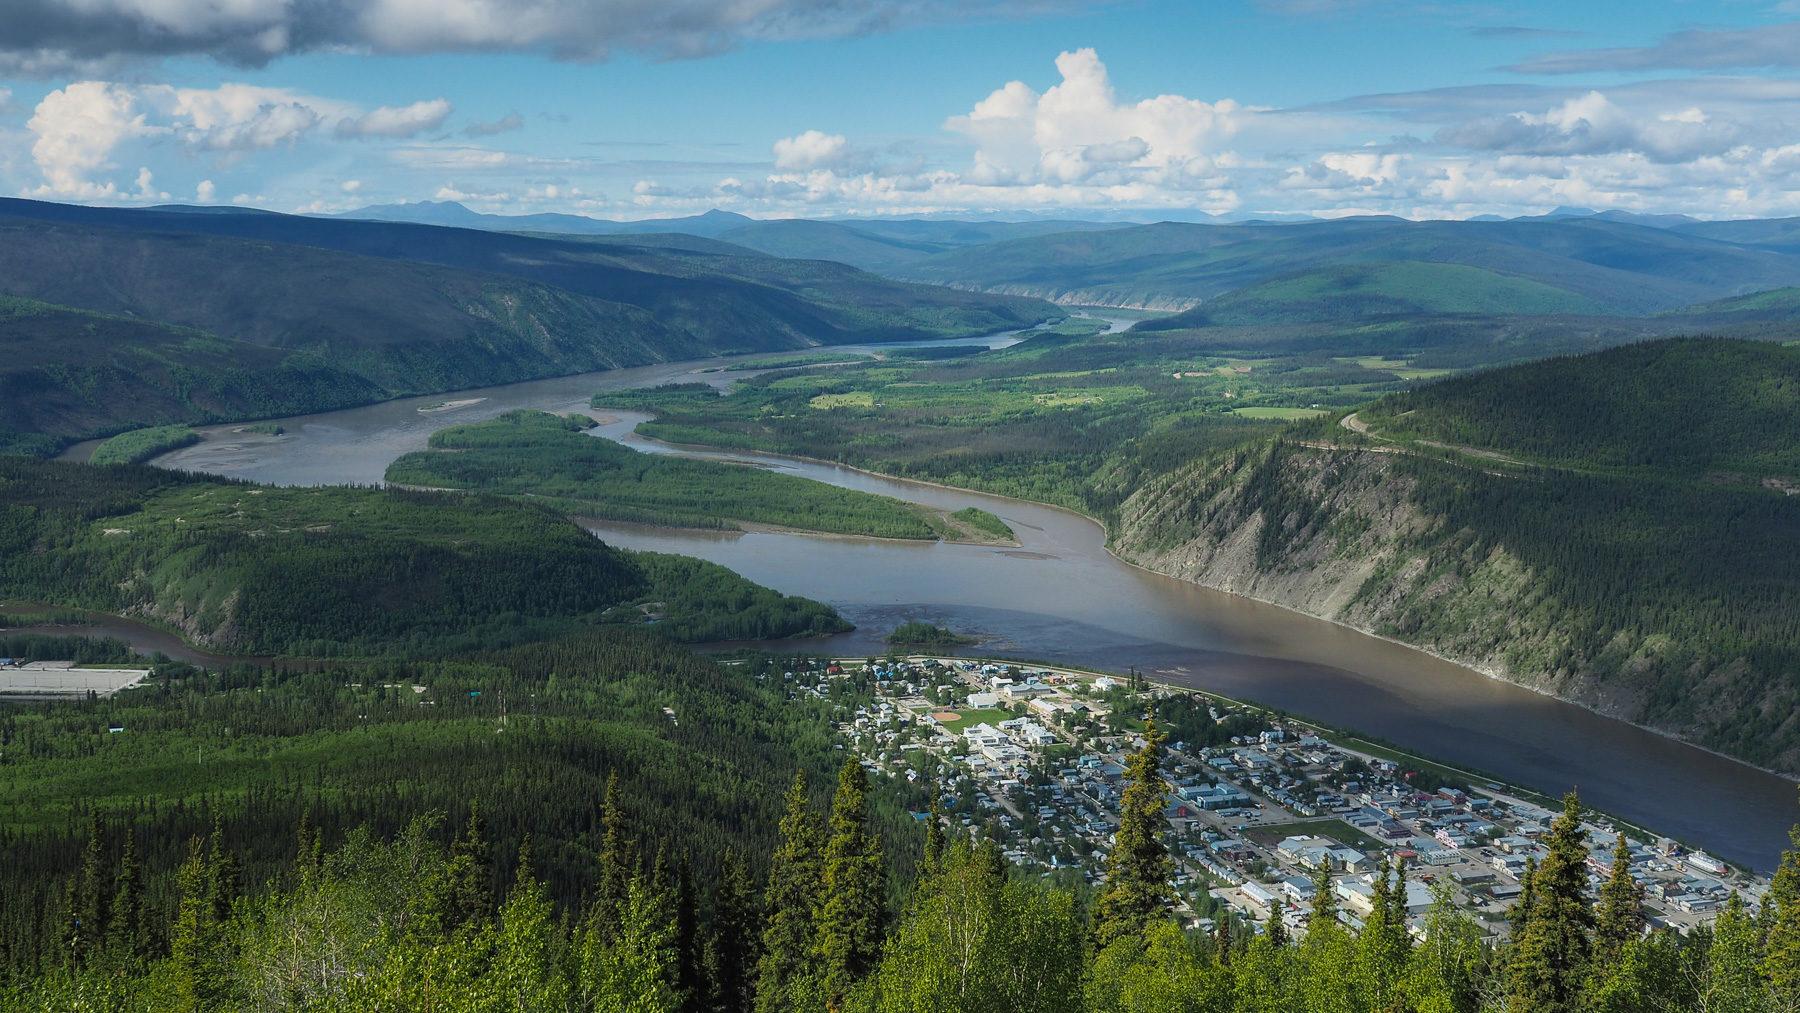 Dawson City von oben, am Zusammenfluß von Klondik und Yukon